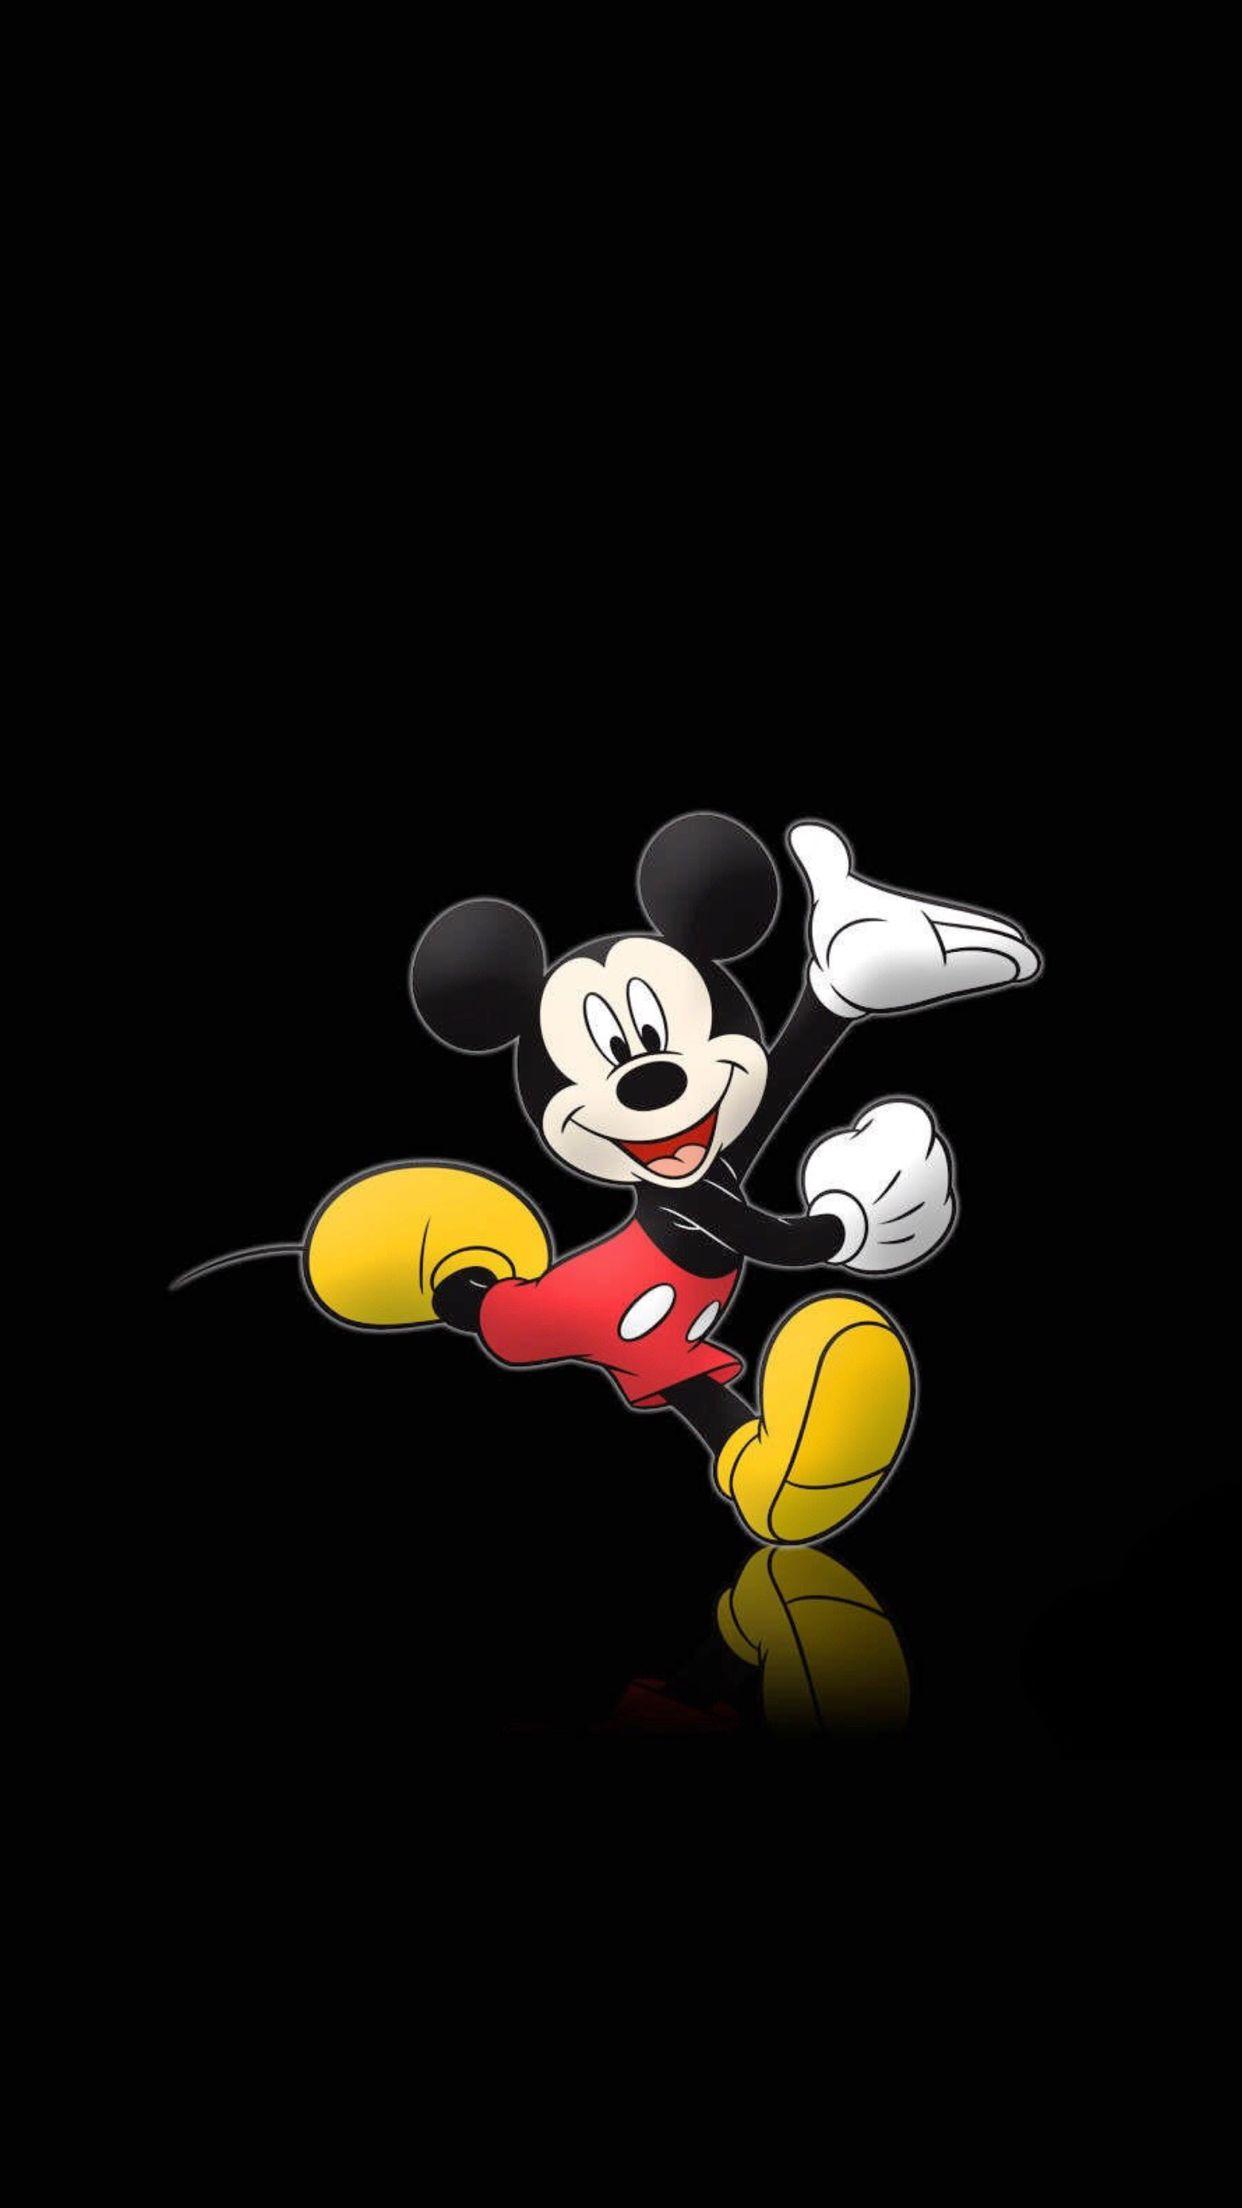 Pin De Renato Nascimento En Waldisney Fondo De Mickey